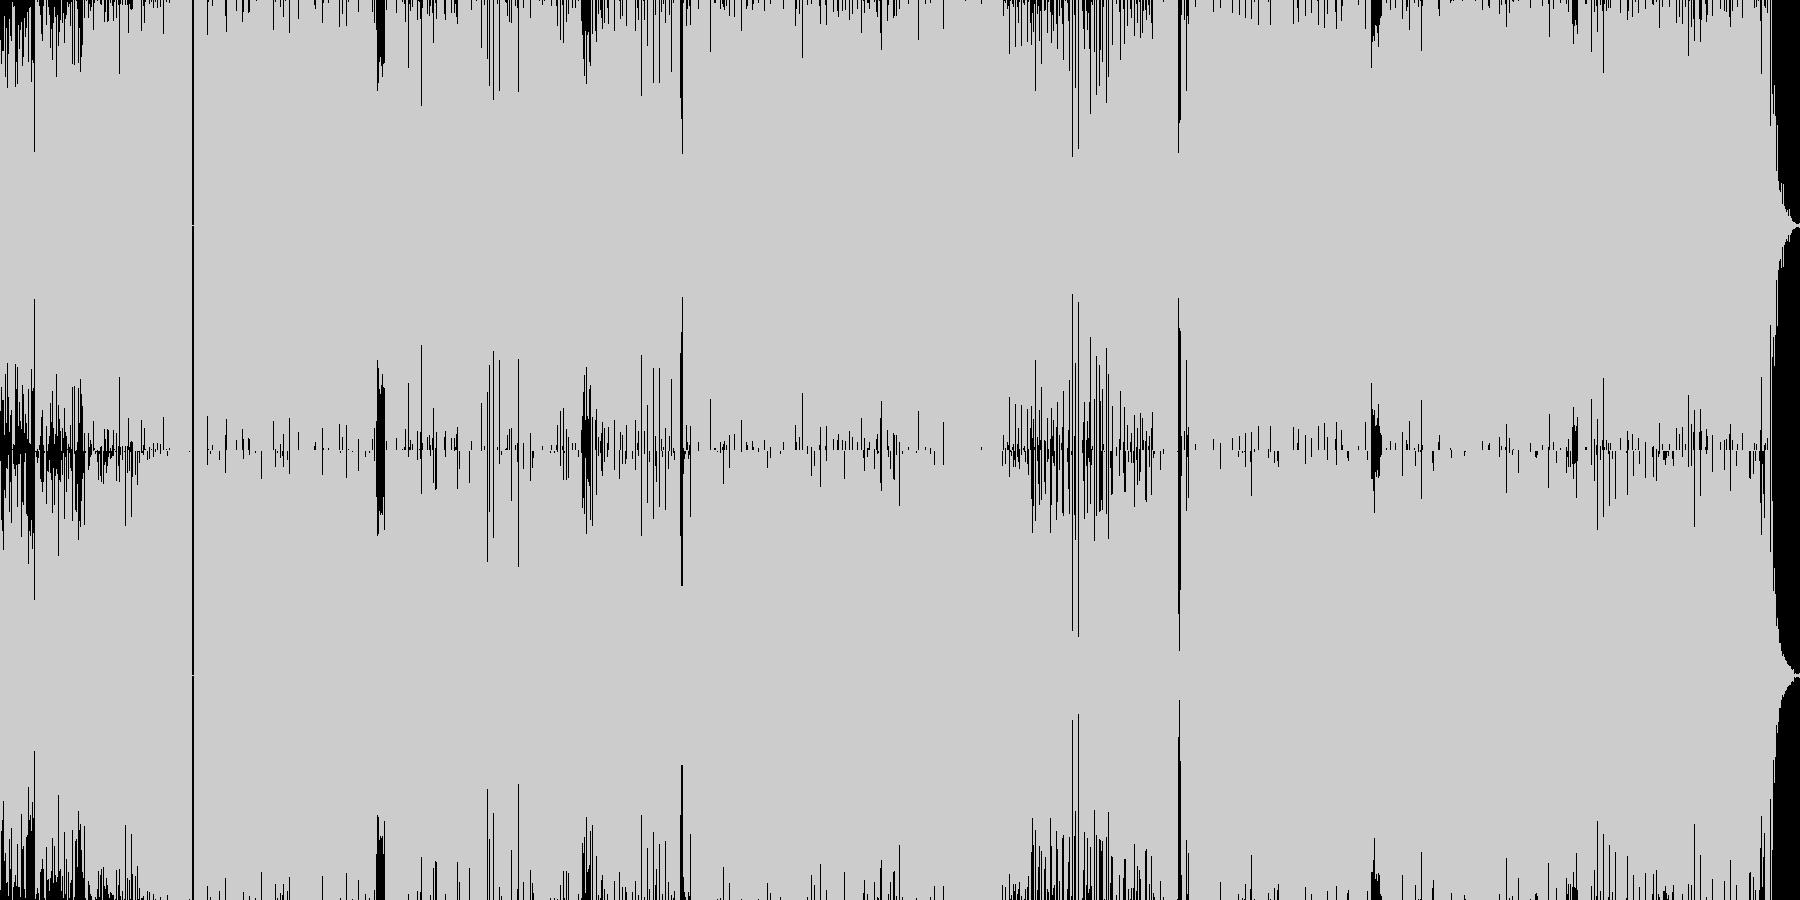 coolでカッコいいをテーマに作ったT…の未再生の波形